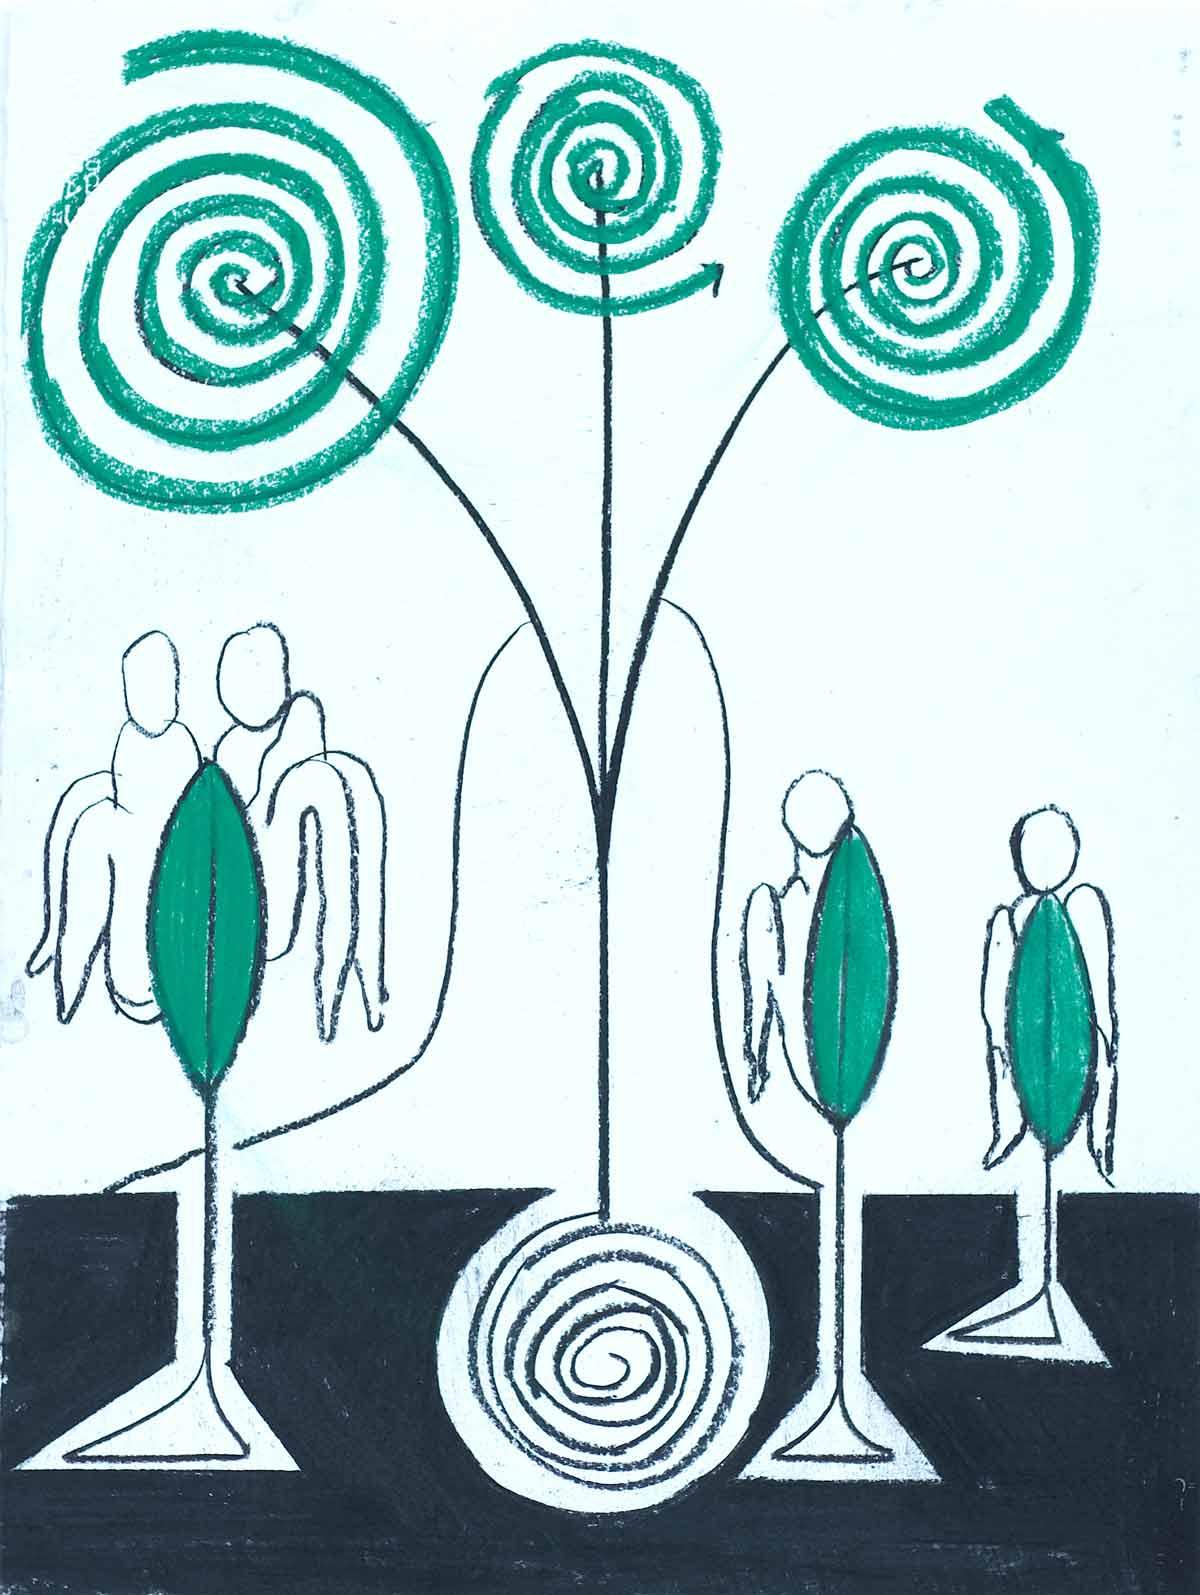 Um encontro vegetal - diálogo vivo com a natureza Artes & contextos 09 La Casa Encendida Un encuentro vegetal Eduardo Navarro Photosynthetics 2021 photography by Sofia Jallinsky 2